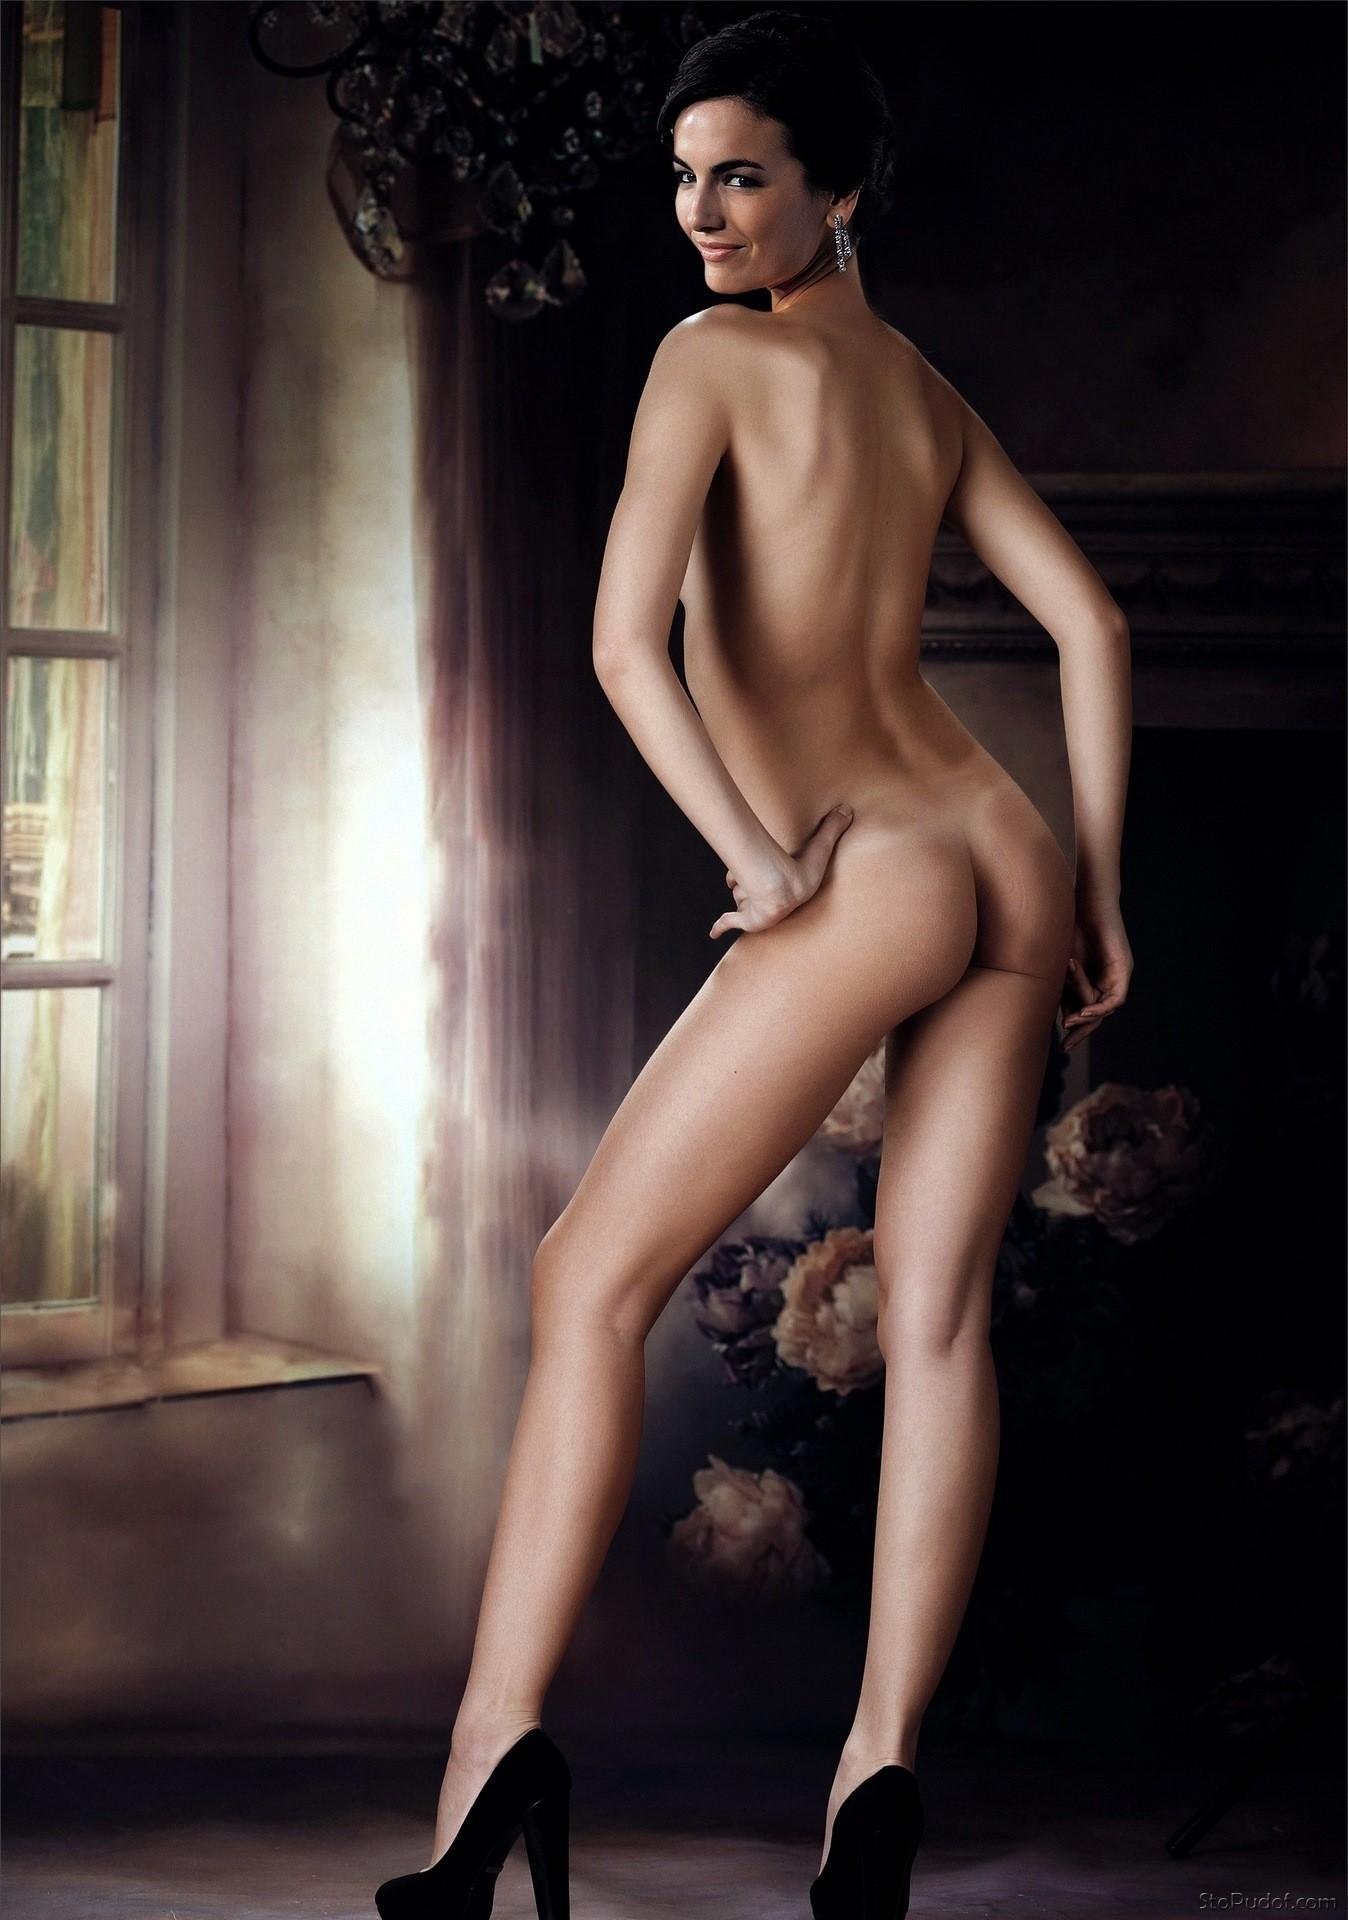 Camille belle nackt